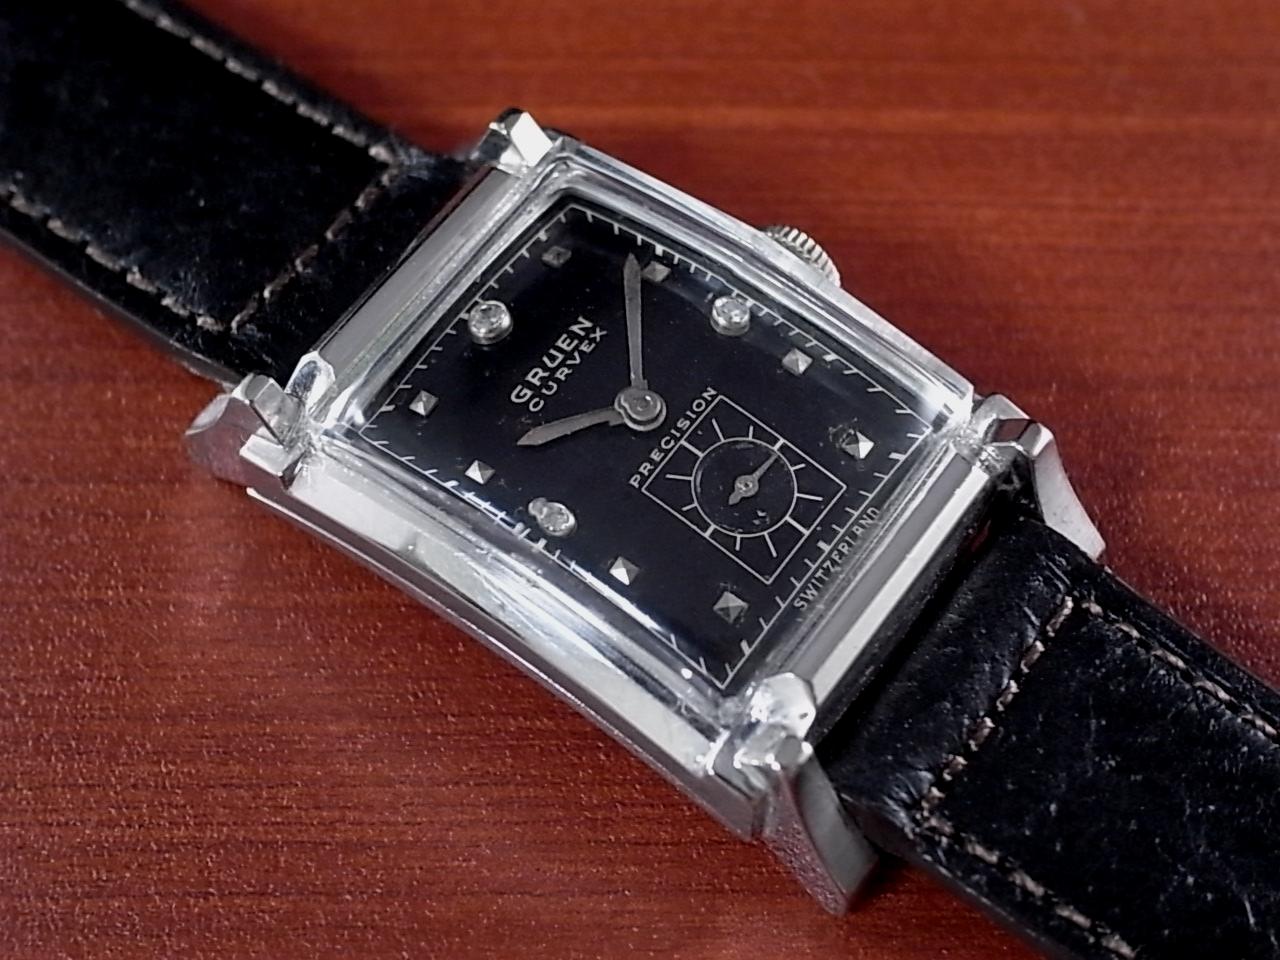 グリュエン カーベックス 14KWG ダイヤモンド Cal.440 1940年代のメイン写真